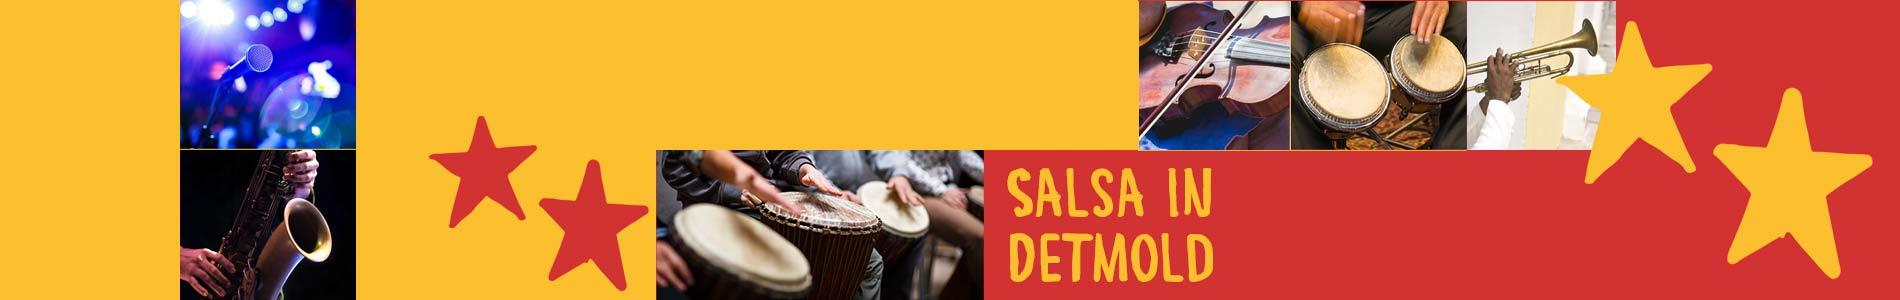 Salsa in Detmold – Salsa lernen und tanzen, Tanzkurse, Partys, Veranstaltungen